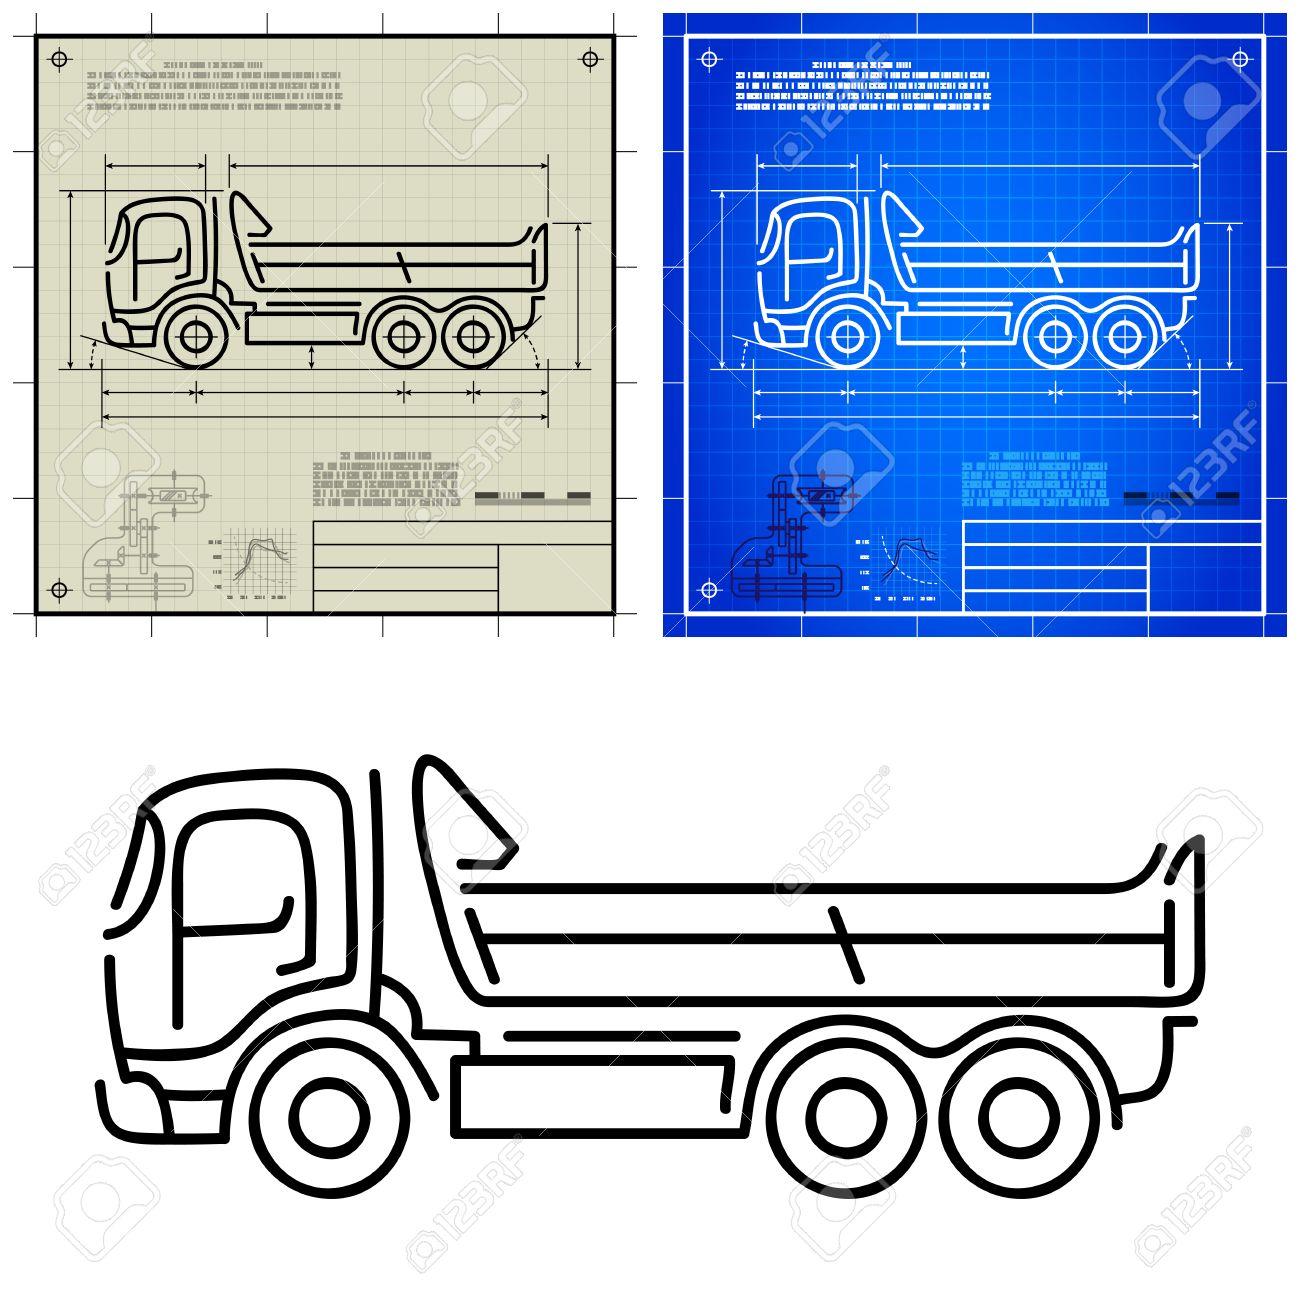 Lorry Tipper Dump Truck Modern Outline Stylized Blueprint Technical ...